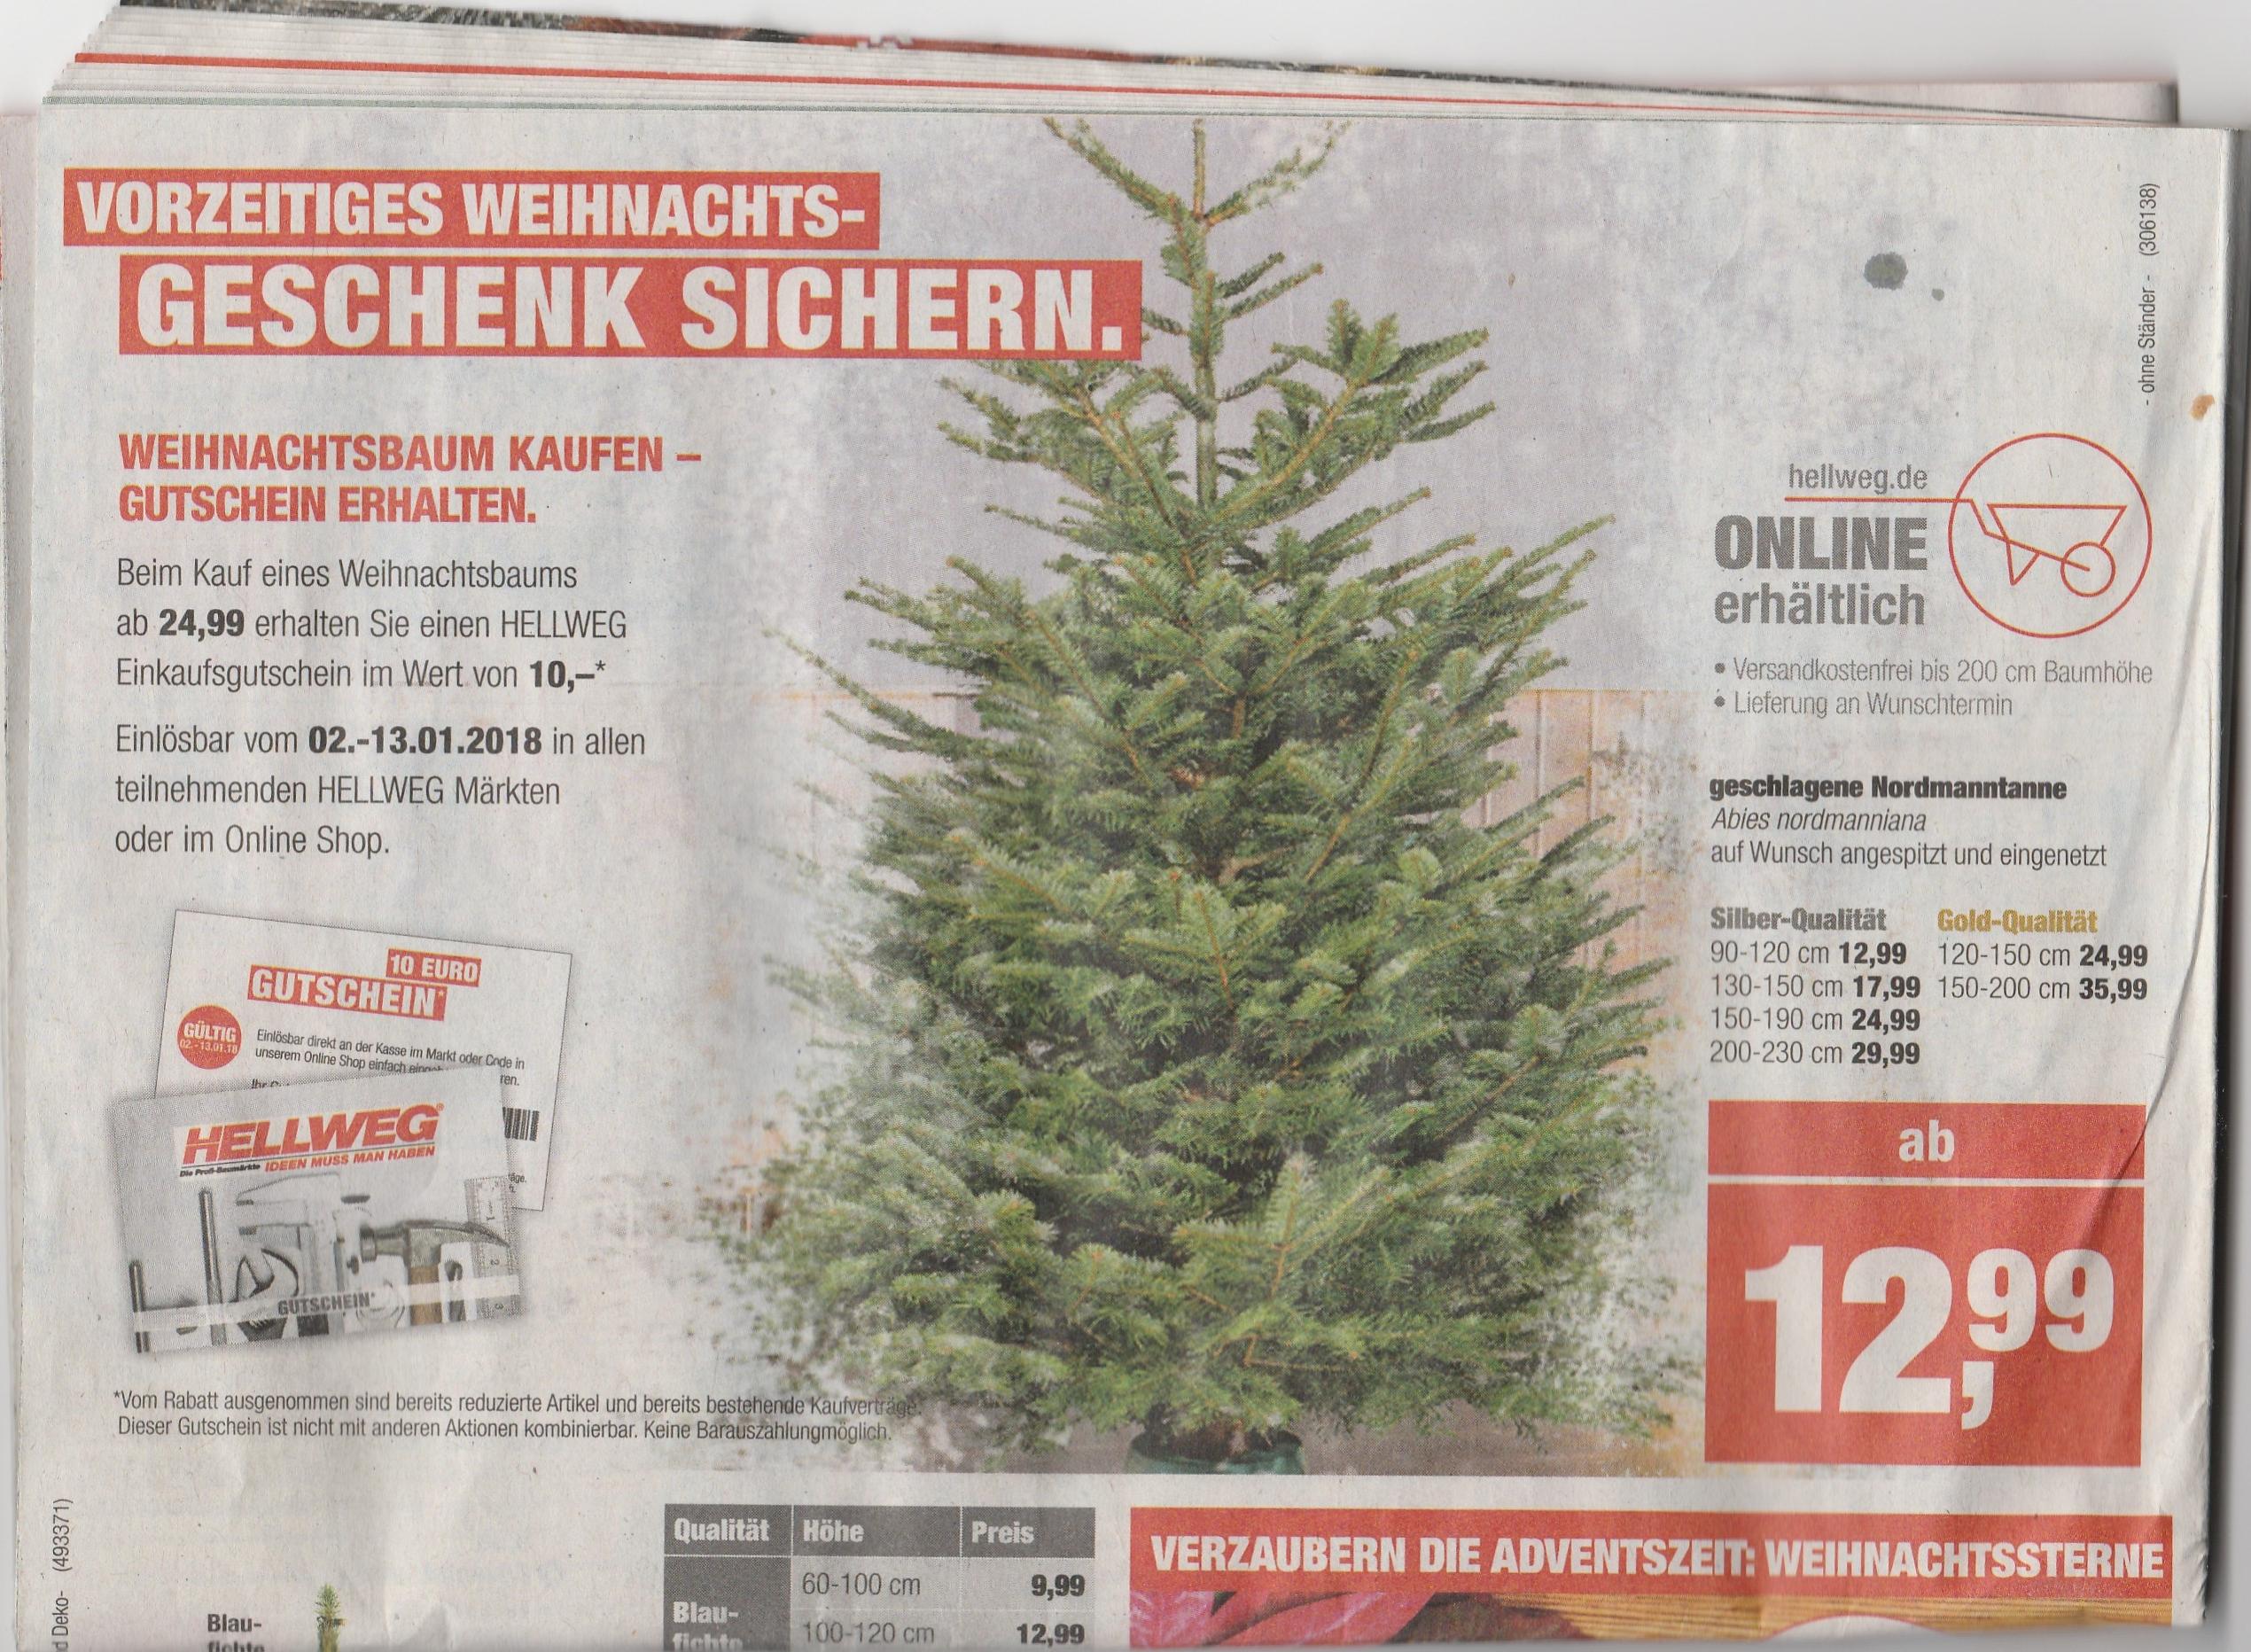 150-190 cm Nordmanntanne (inkl. Vsk und Wunschtermin) im Hellweg direkt oder online kaufen und 10 Euro Hellweg(on/offline nutzbar) Wertgutschein erhalten